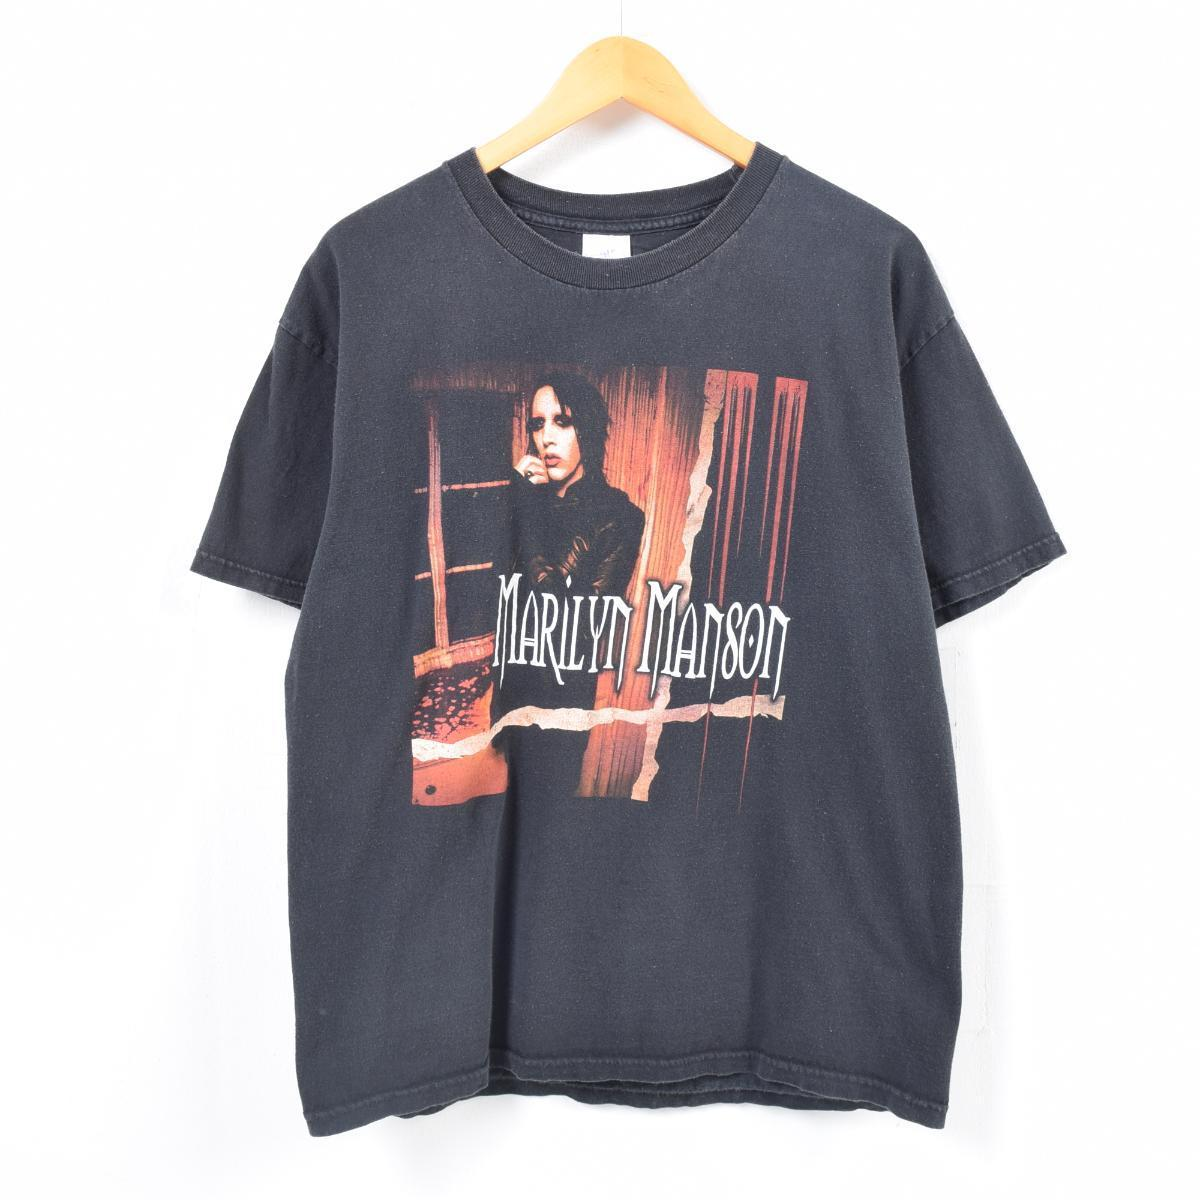 2000年~ TENNESSEE RIVER MARILYN MANSON マリリンマンソン EAT ME DRINK ME バンドTシャツ メンズL /wap4486 【中古】【n1803】 【180318】